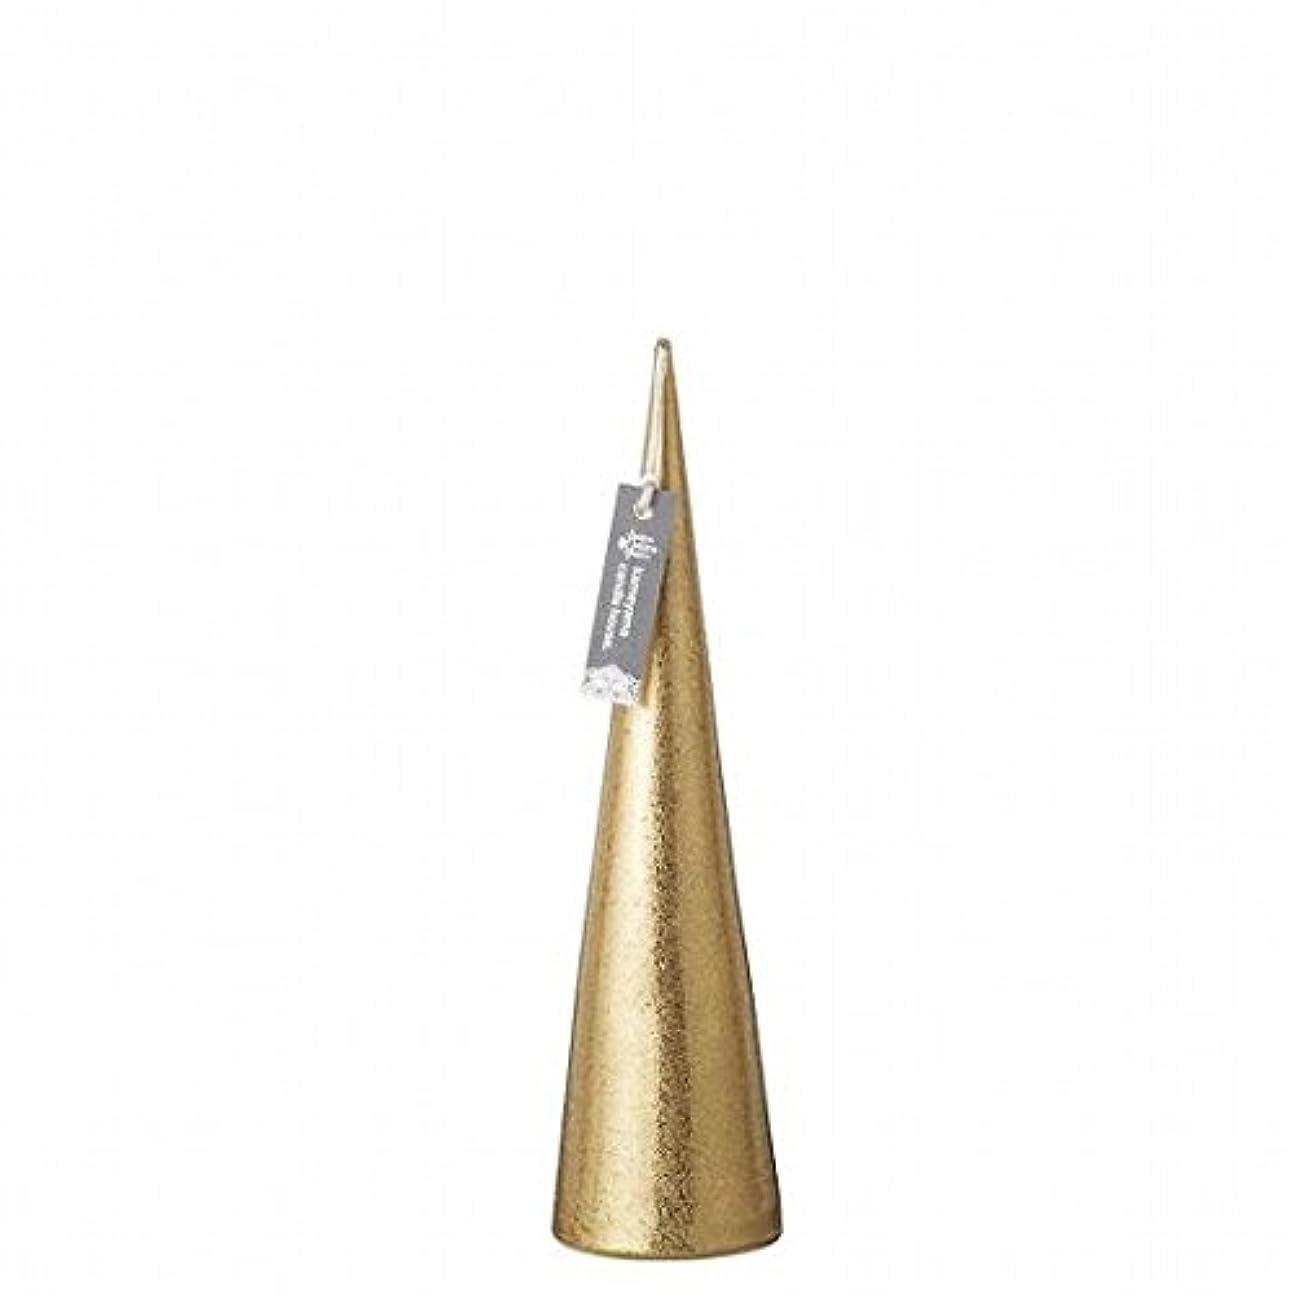 脇に報奨金親密なkameyama candle(カメヤマキャンドル) メタリックコーンM「 ゴールド 」(A9560110GO)